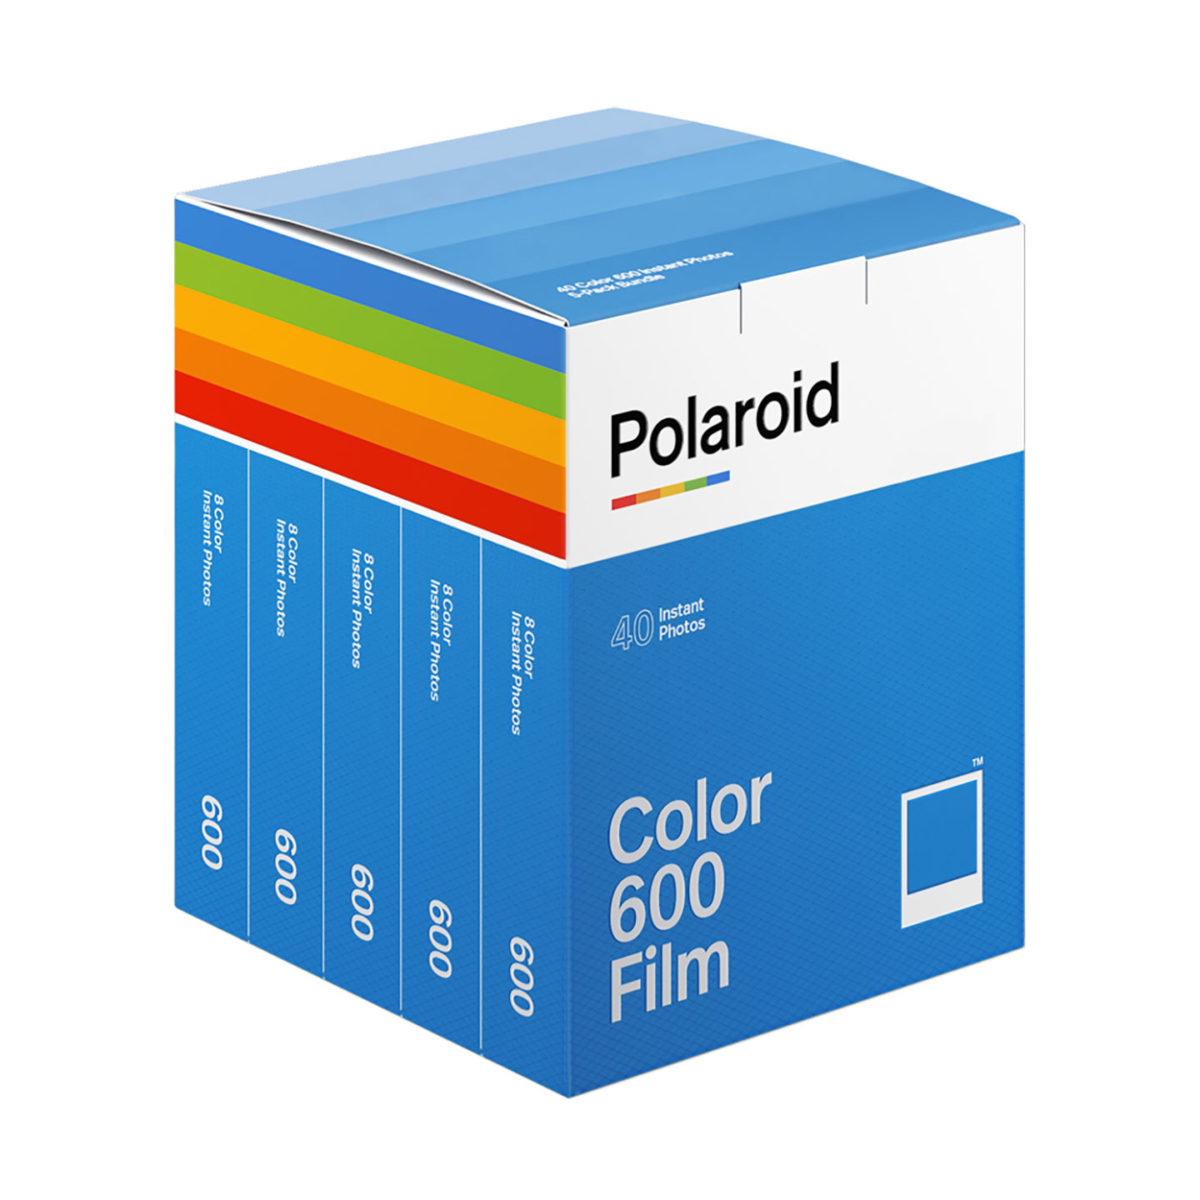 polaroid_600_color_film_5p_01